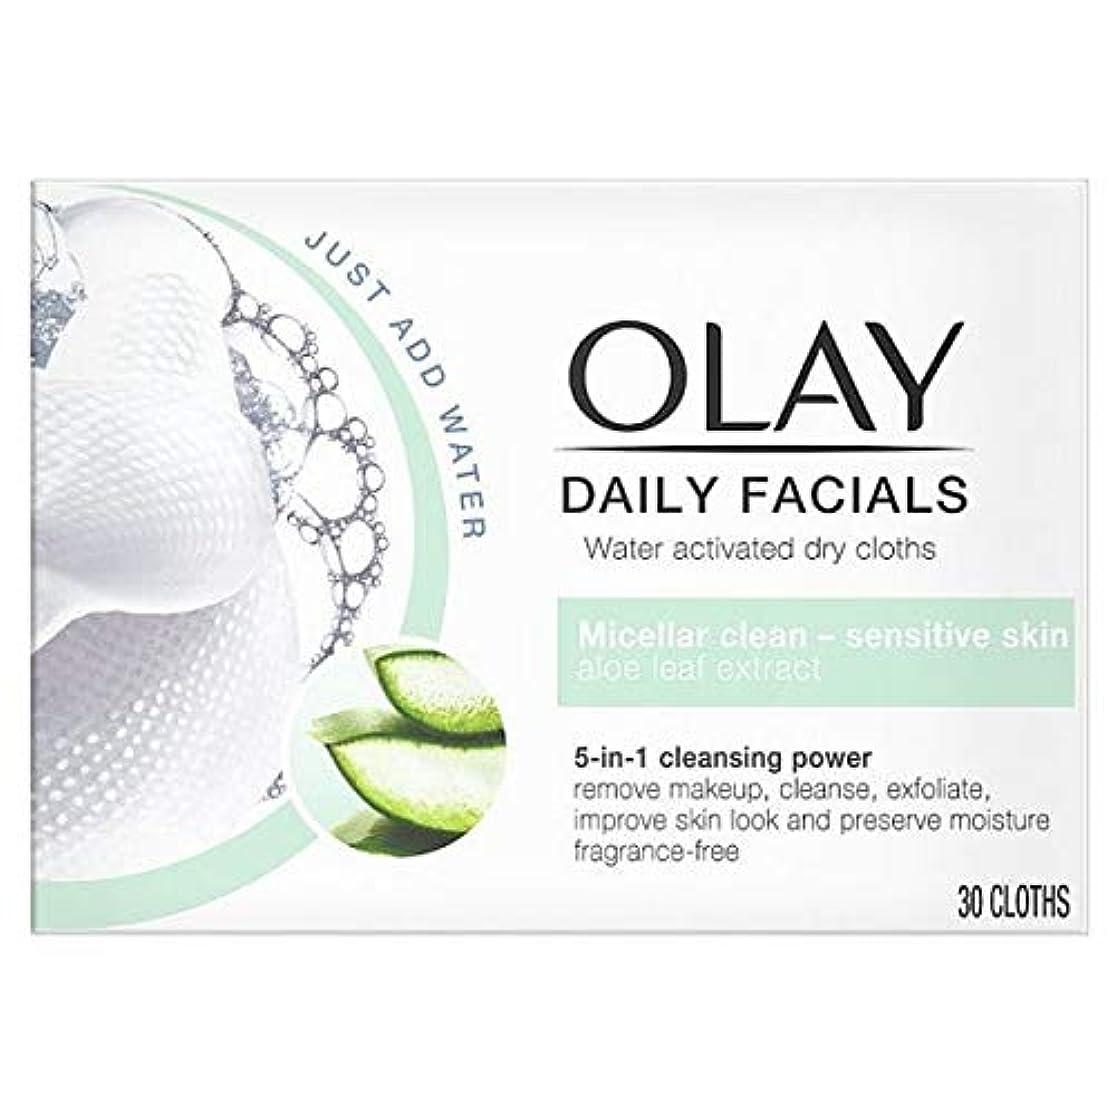 処分したぜいたく分析[Olay ] オーレイ毎日フェイシャル5-In1は乾燥布 - 敏感肌 - Olay Daily Facials 5-in1 Dry Cloths - Sensitive Skin [並行輸入品]